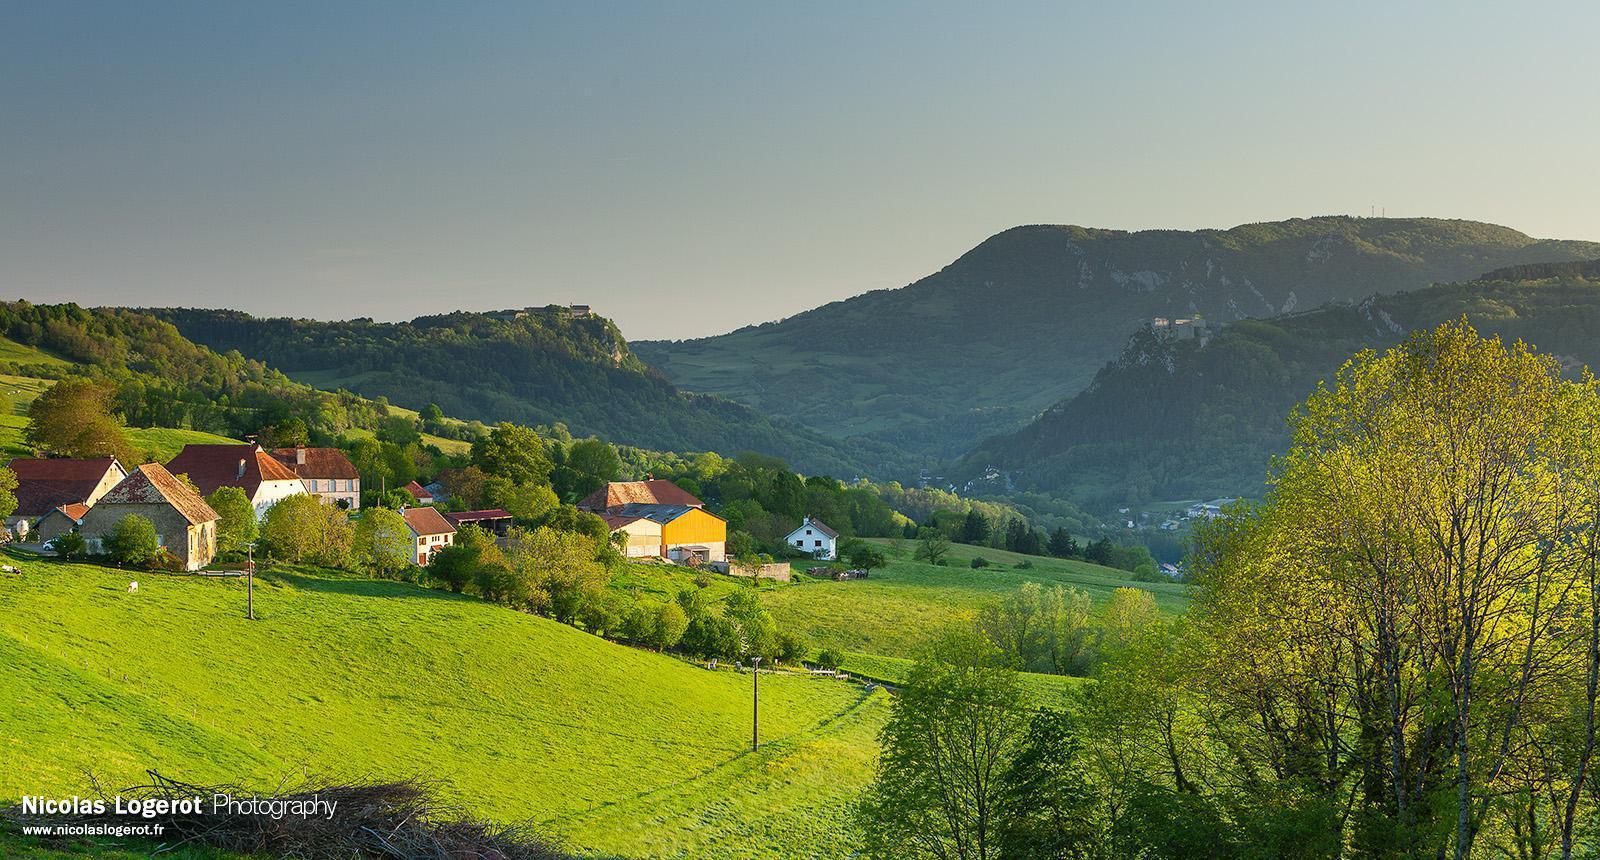 Villes villages hameaux d couvrir page 314 for Piscine salins les bains